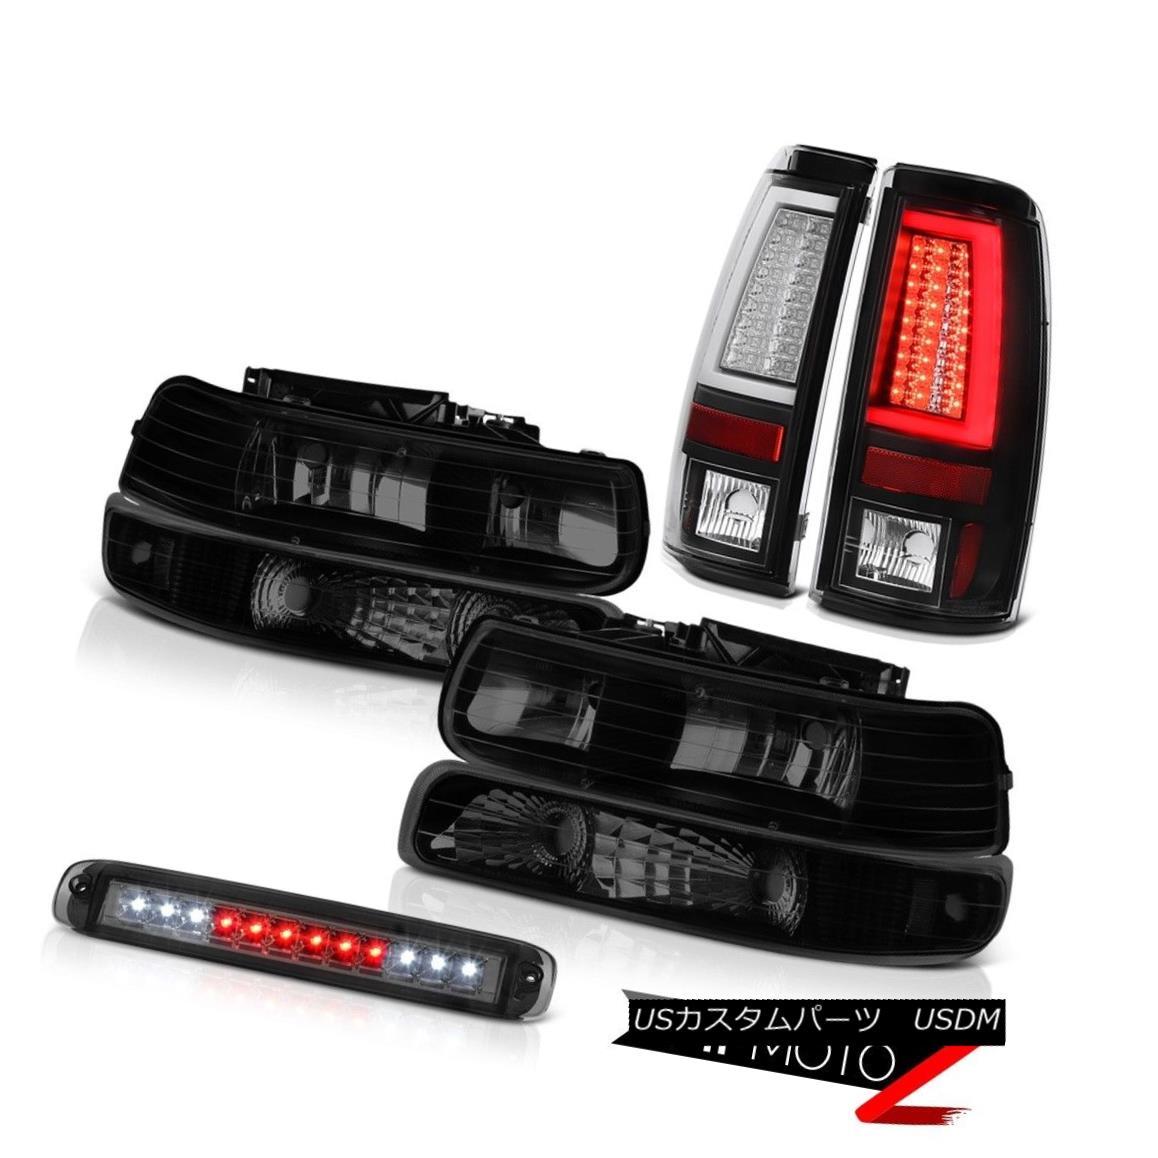 ヘッドライト 99 00 01 02 Silverado 4WD Black Taillamps Headlights Bumper Roof Brake Light LED 99 00 01 02 Silverado 4WD Black TaillampsヘッドライトバンパールーフブレーキライトLED